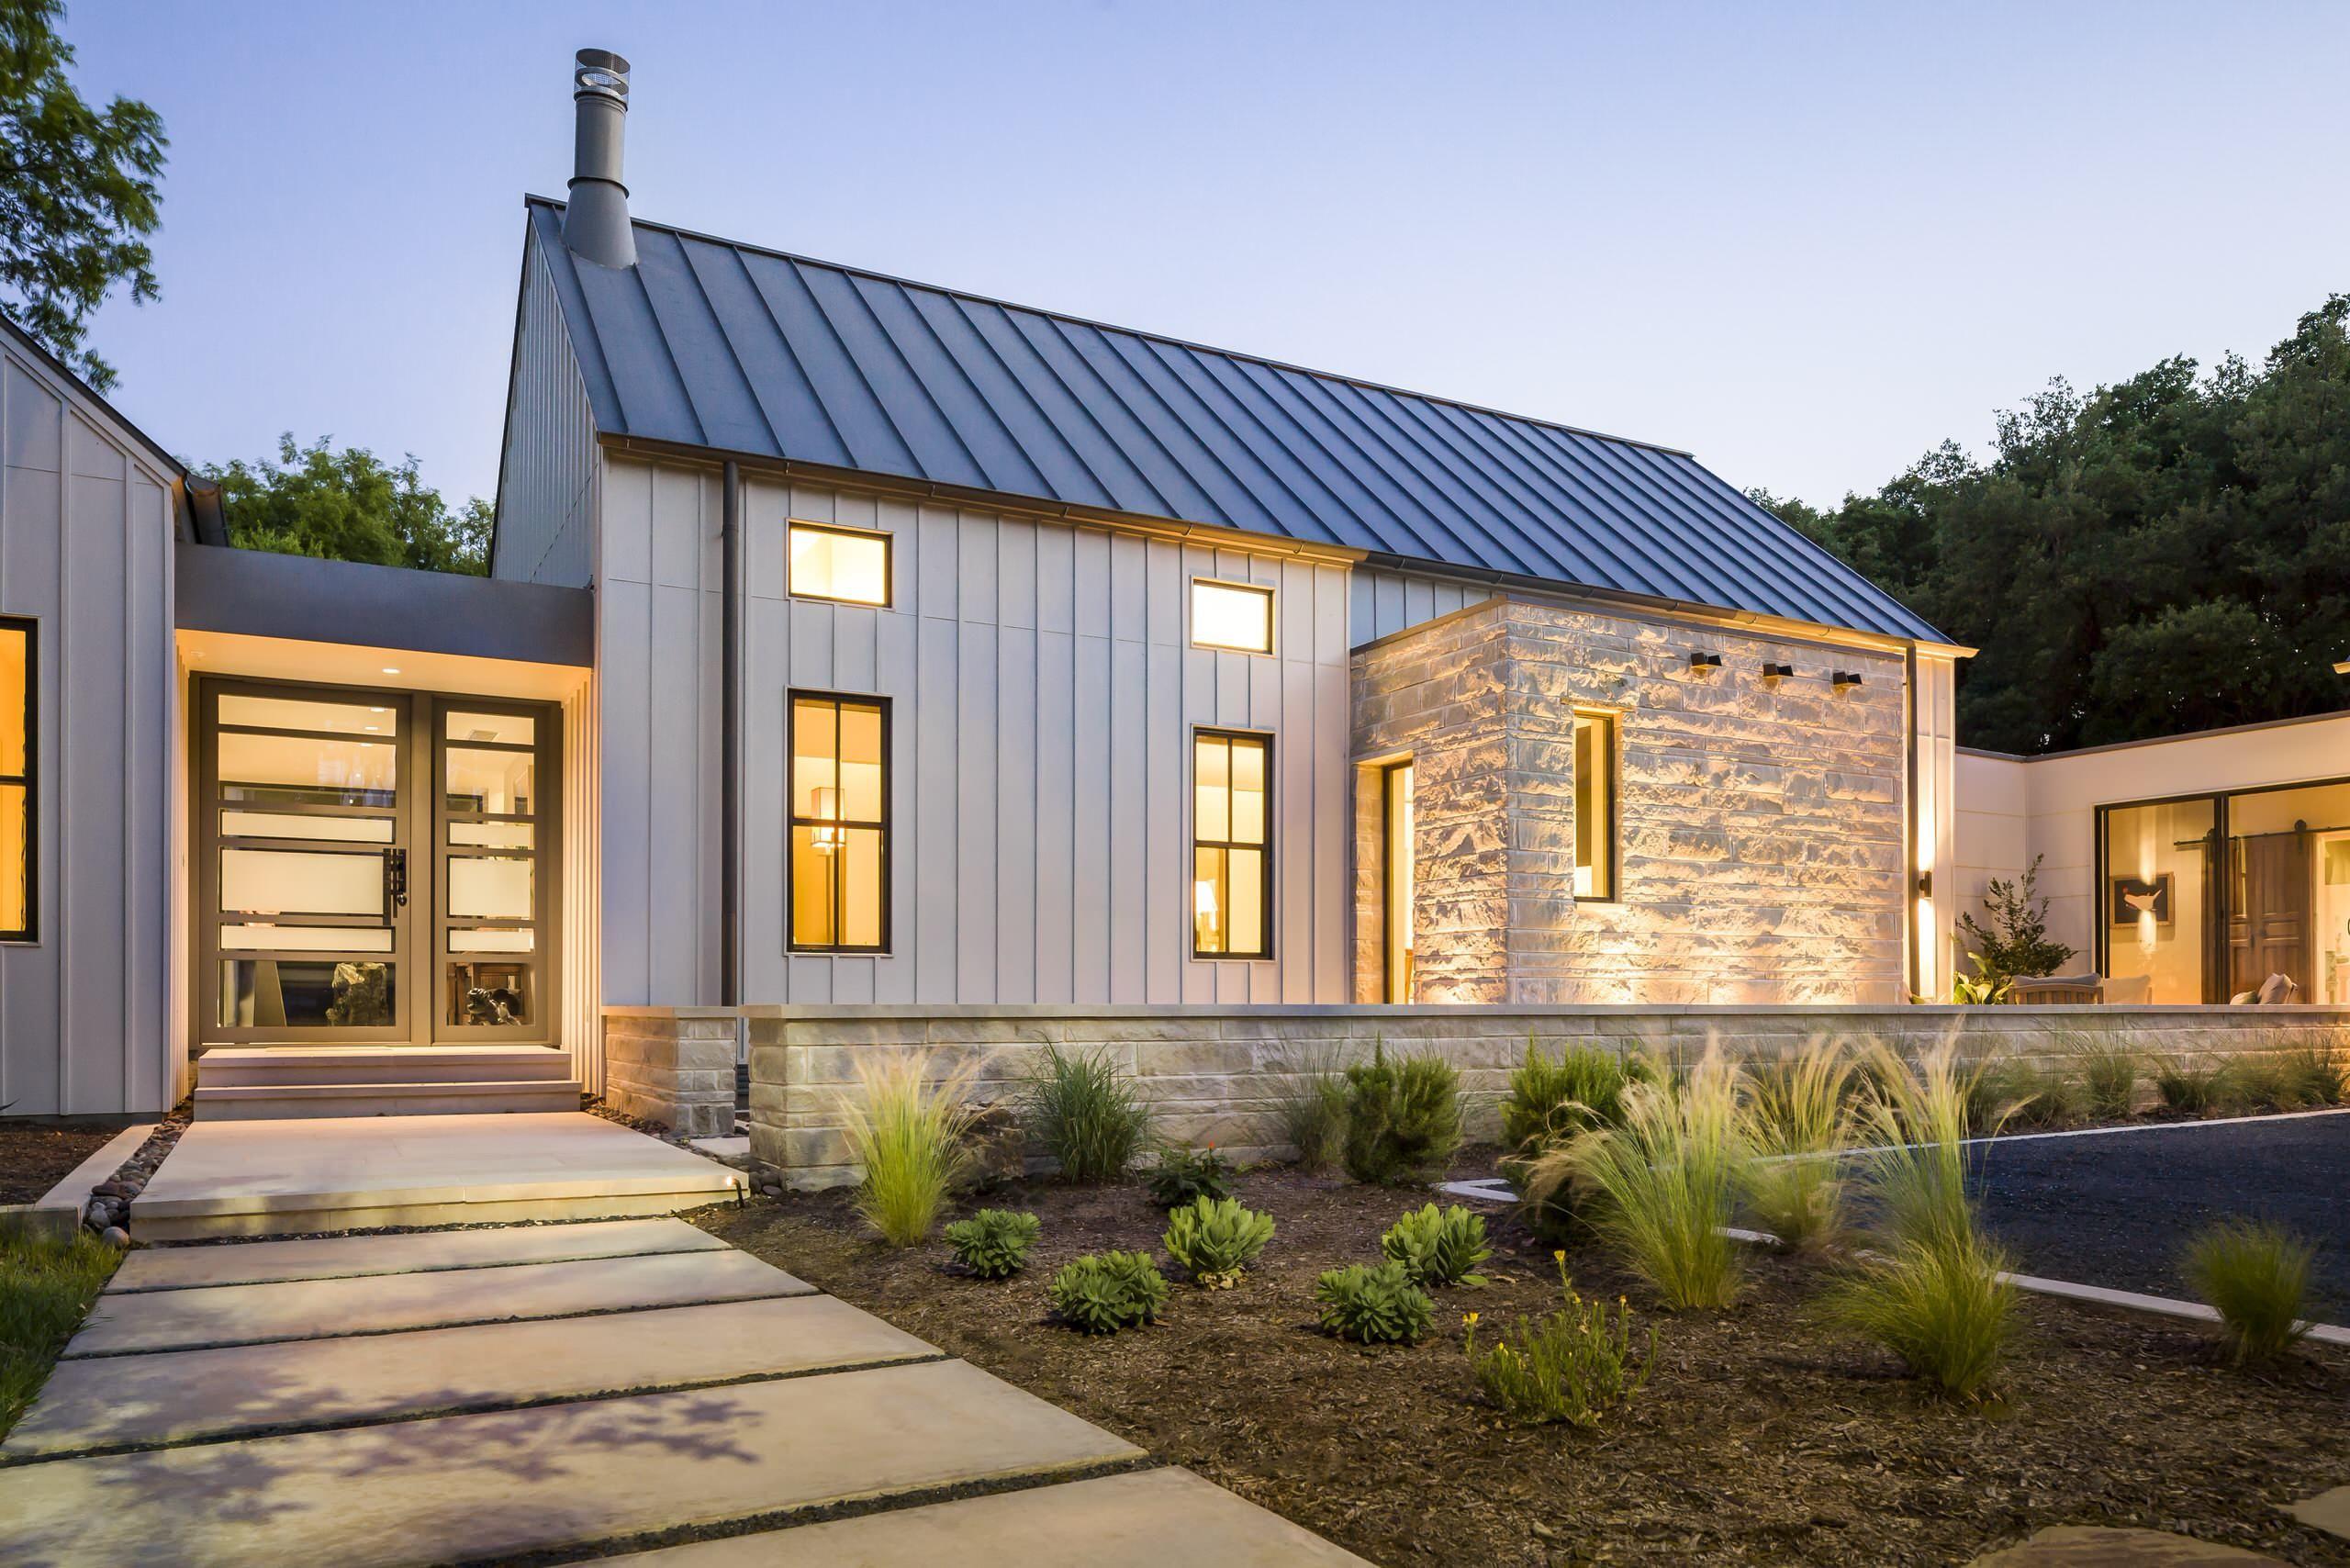 Фасадные панели для наружной отделки дома: разновидности и 80 практичных решений для стильного экстерьера http://happymodern.ru/fasadnye-paneli-dlya-naruzhnoj-otdelki-doma/ Подсветка поможет подчеркнуть фактуру ваших панелей